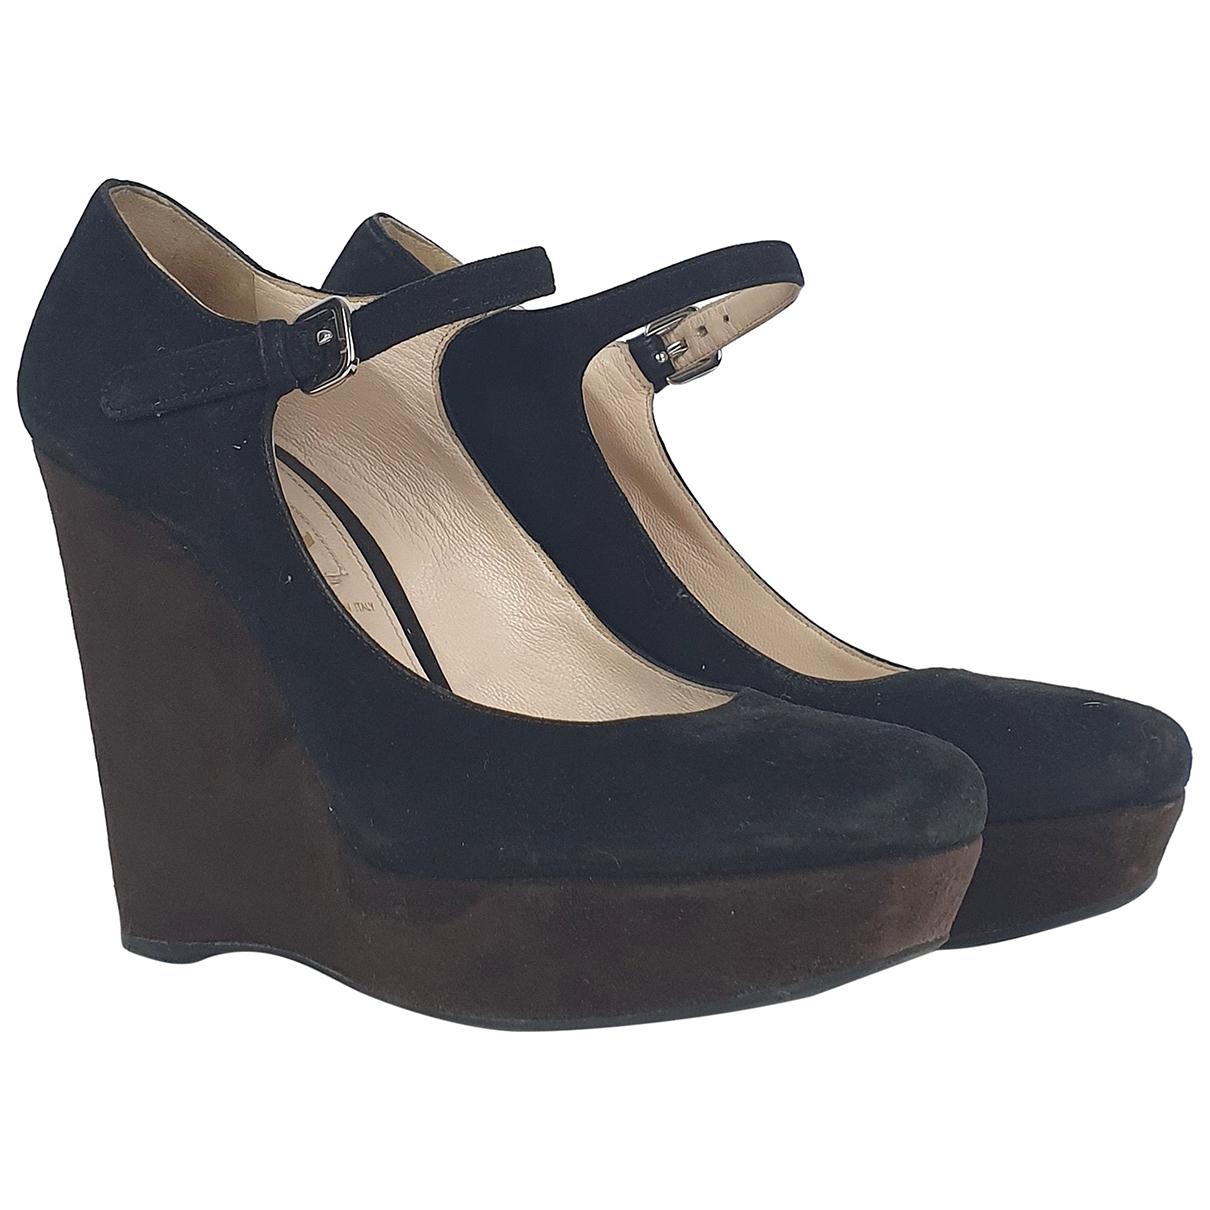 Prada N Black Suede Heels for Women 36.5 IT